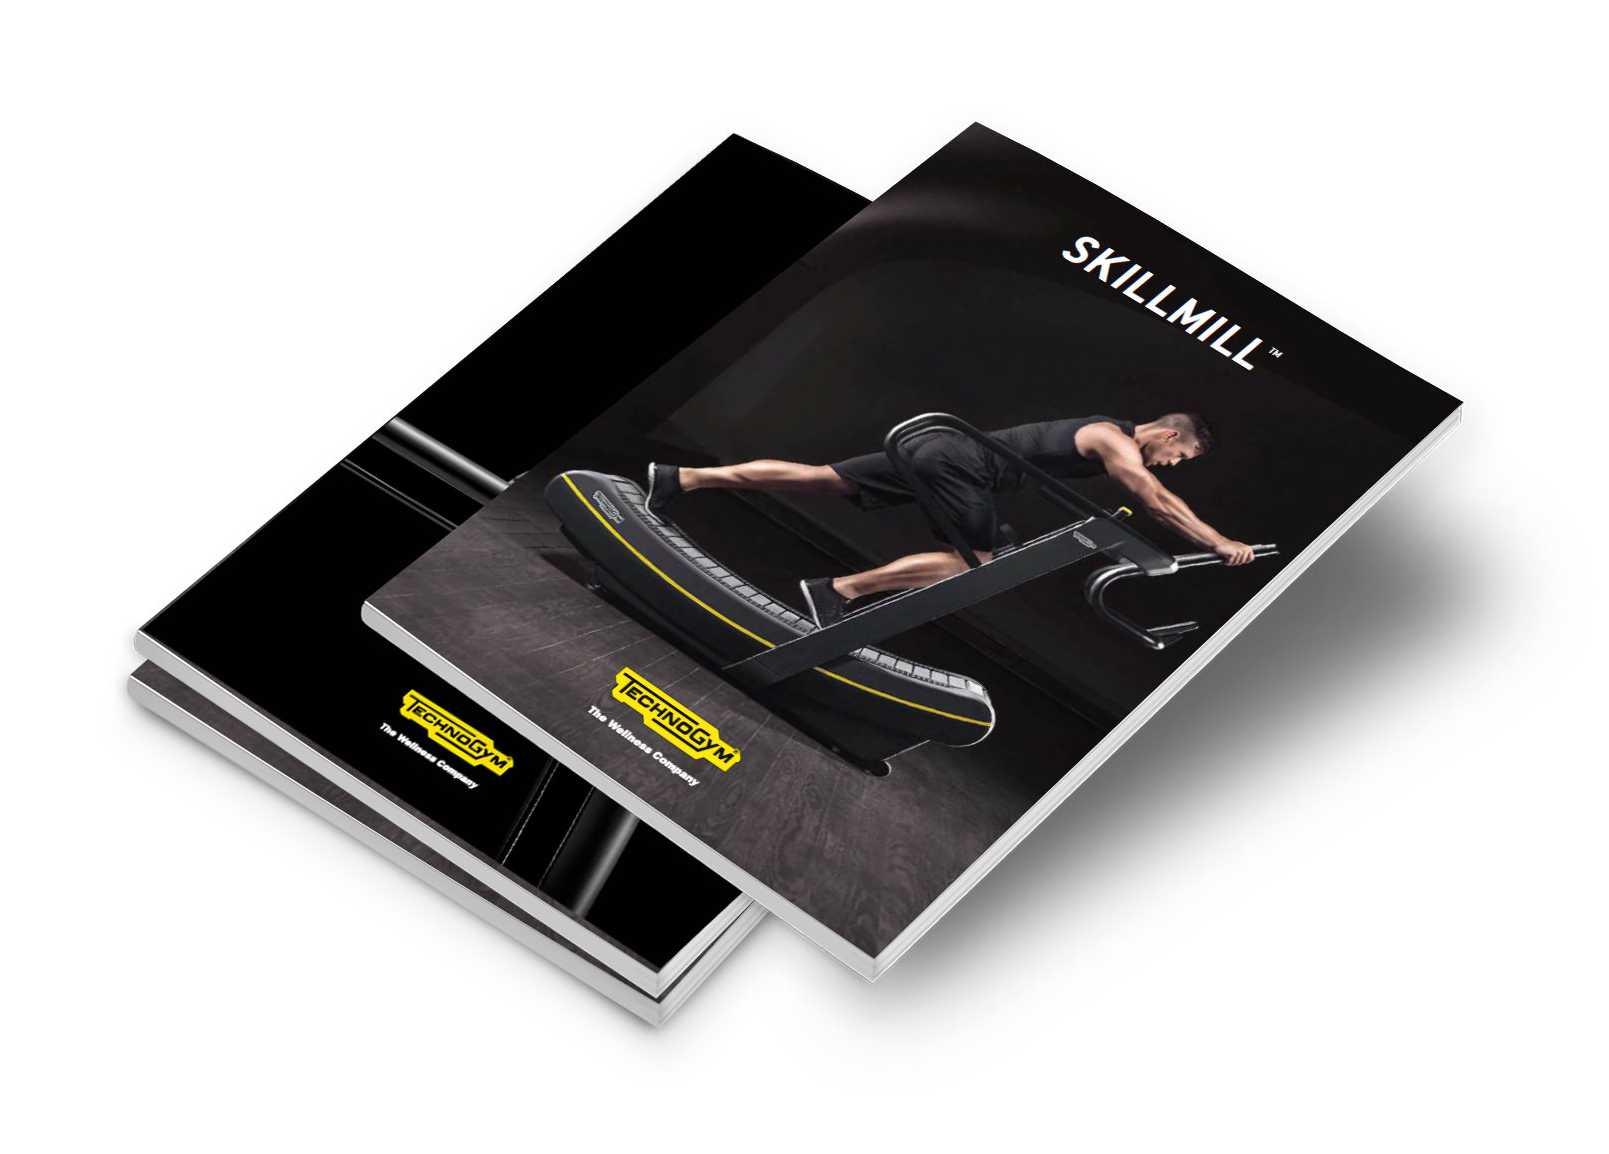 Technogym catalogue